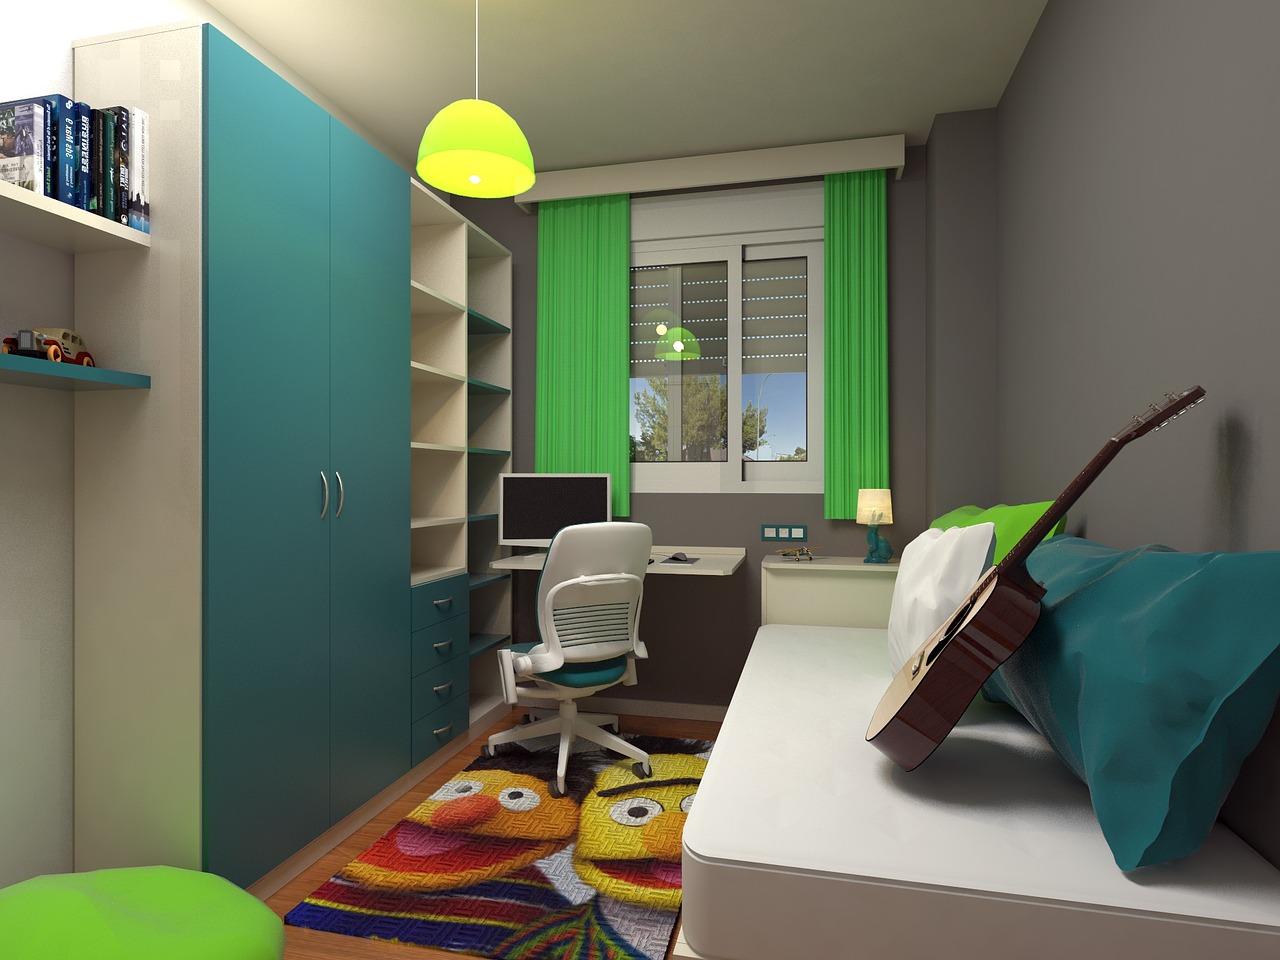 bedroom-1137940_1280